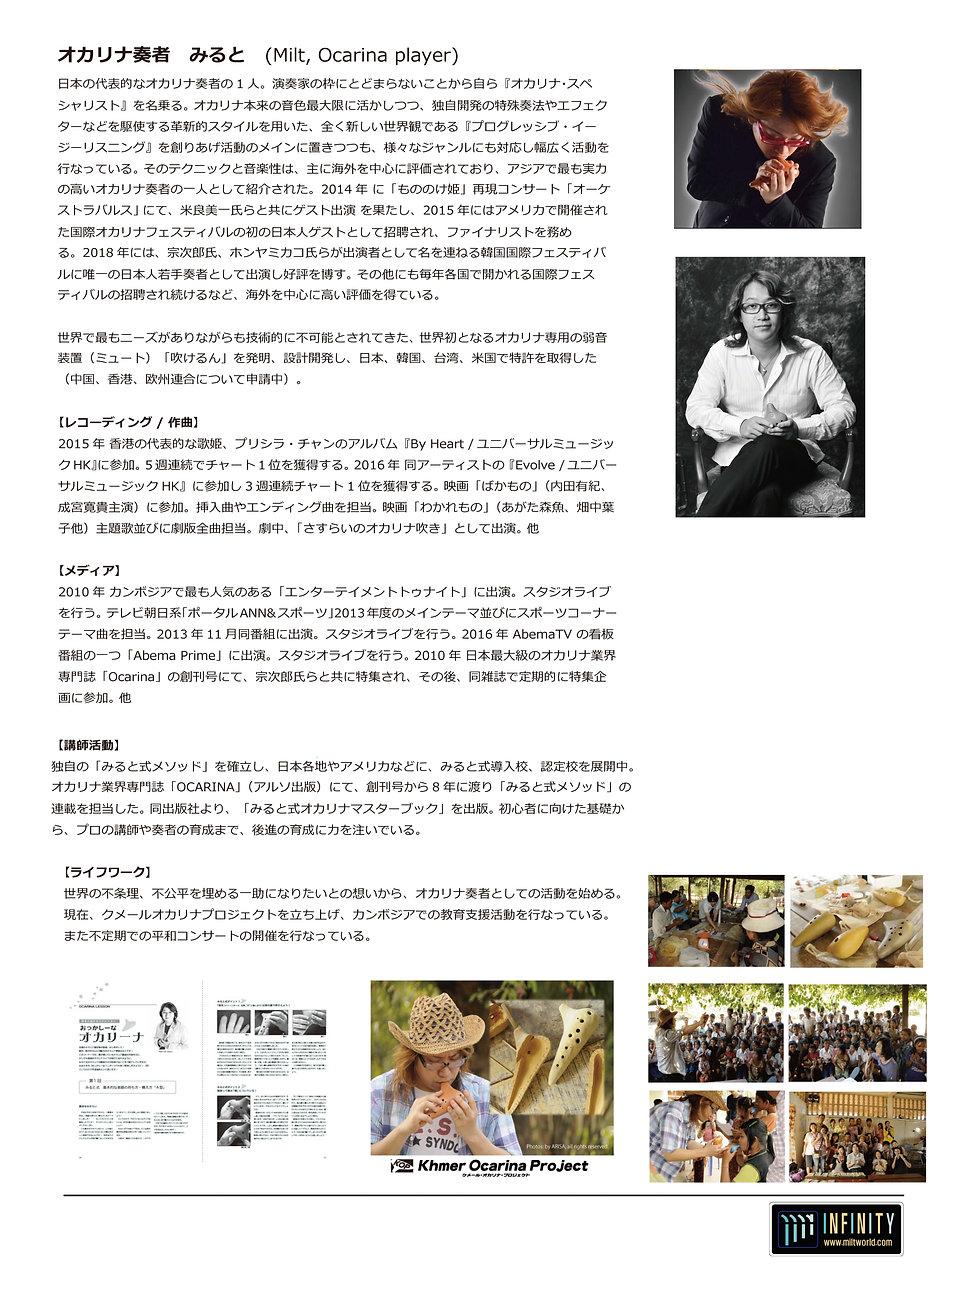 Milt_Profile_Japanese2019.jpg